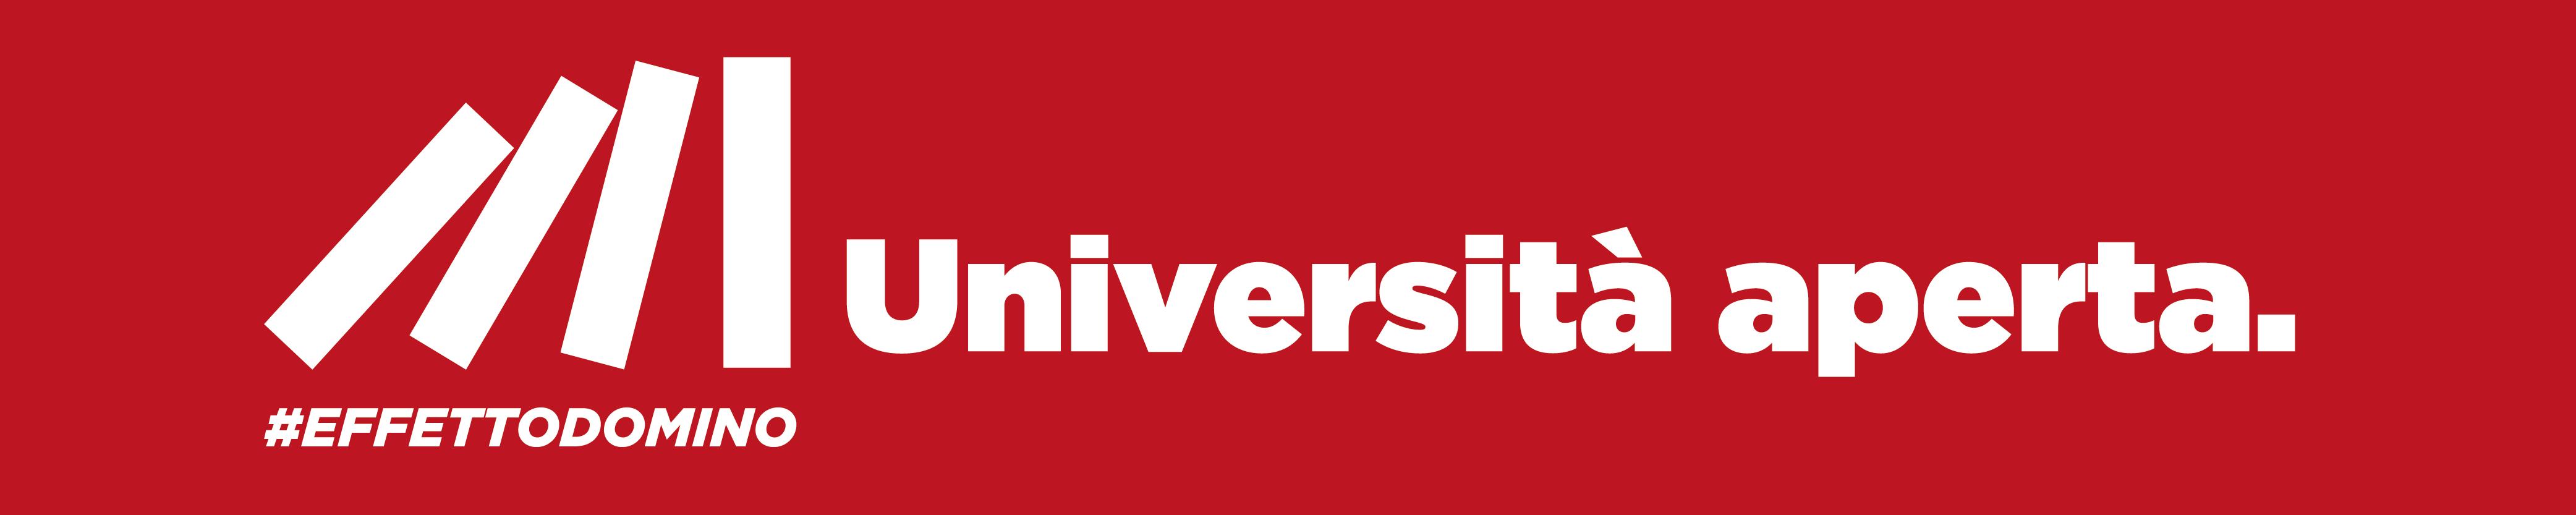 effettodomino università aperta